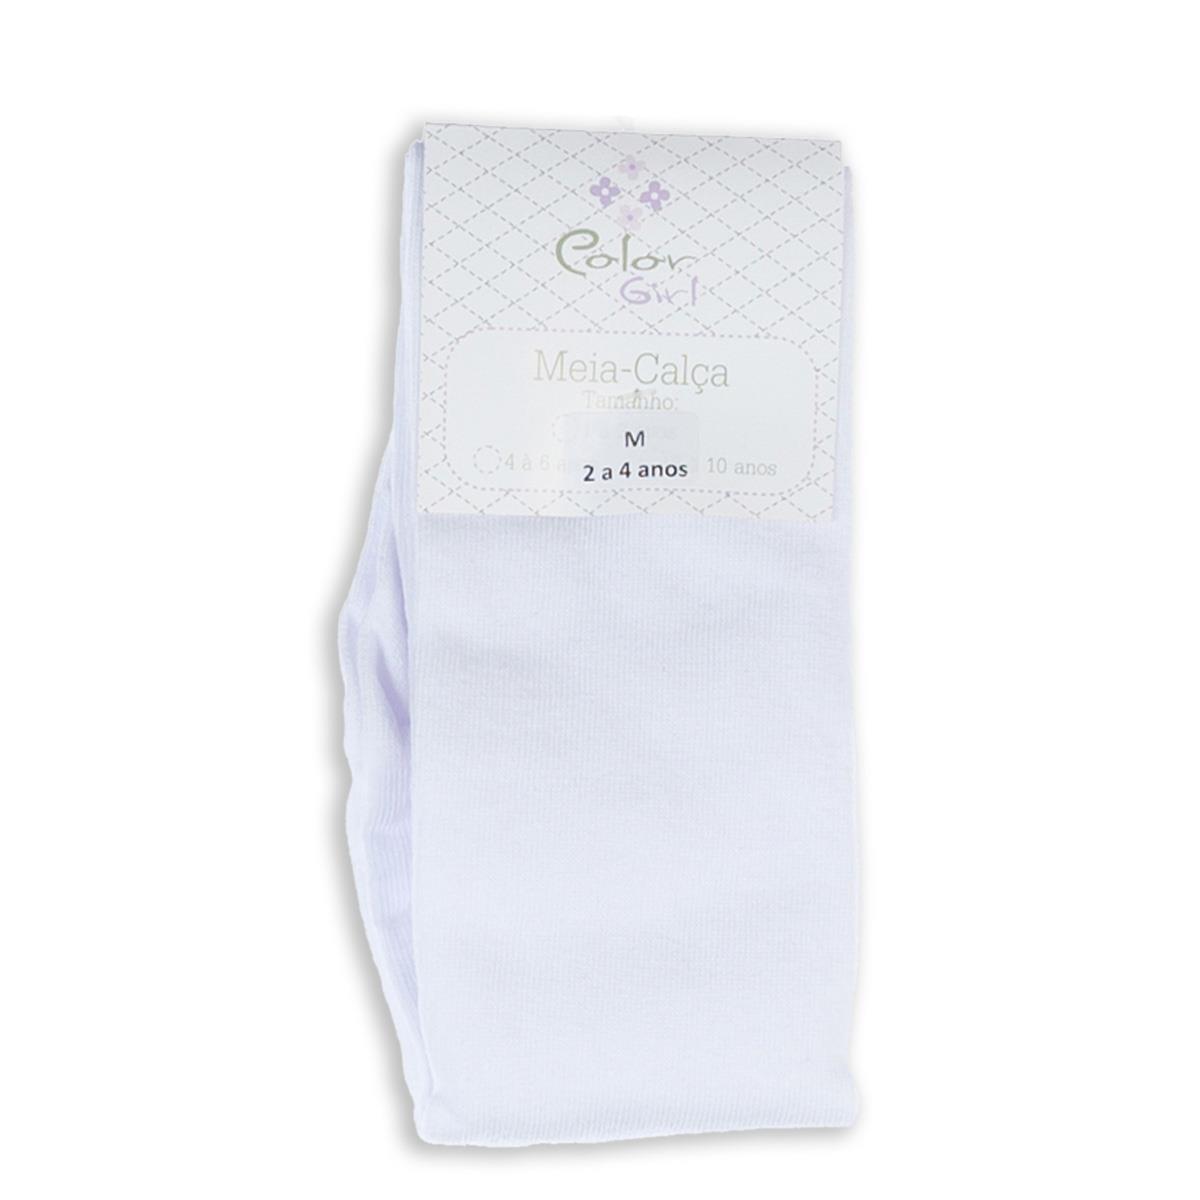 d2cd4675e Meia-calça Color Girl Lisa Color Girl Roupinhas de Bebê Importadas e  Nacionais